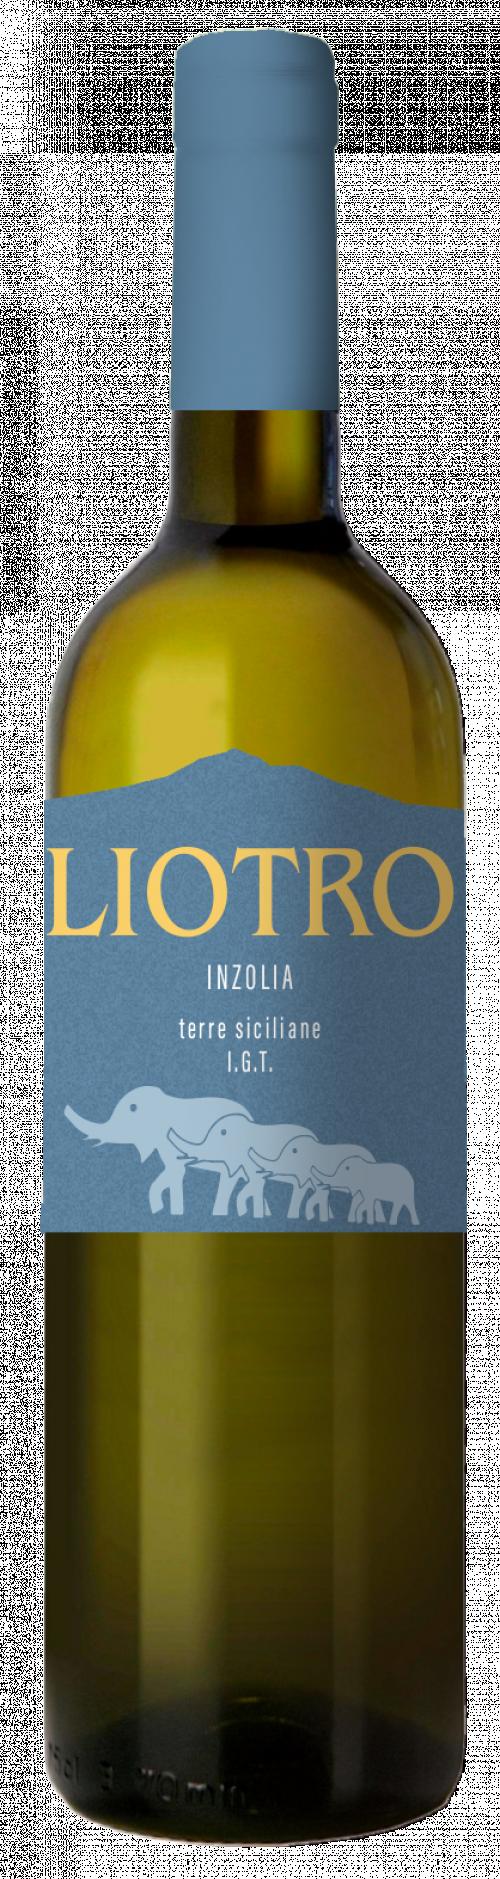 Liotro Inzolia 750ml